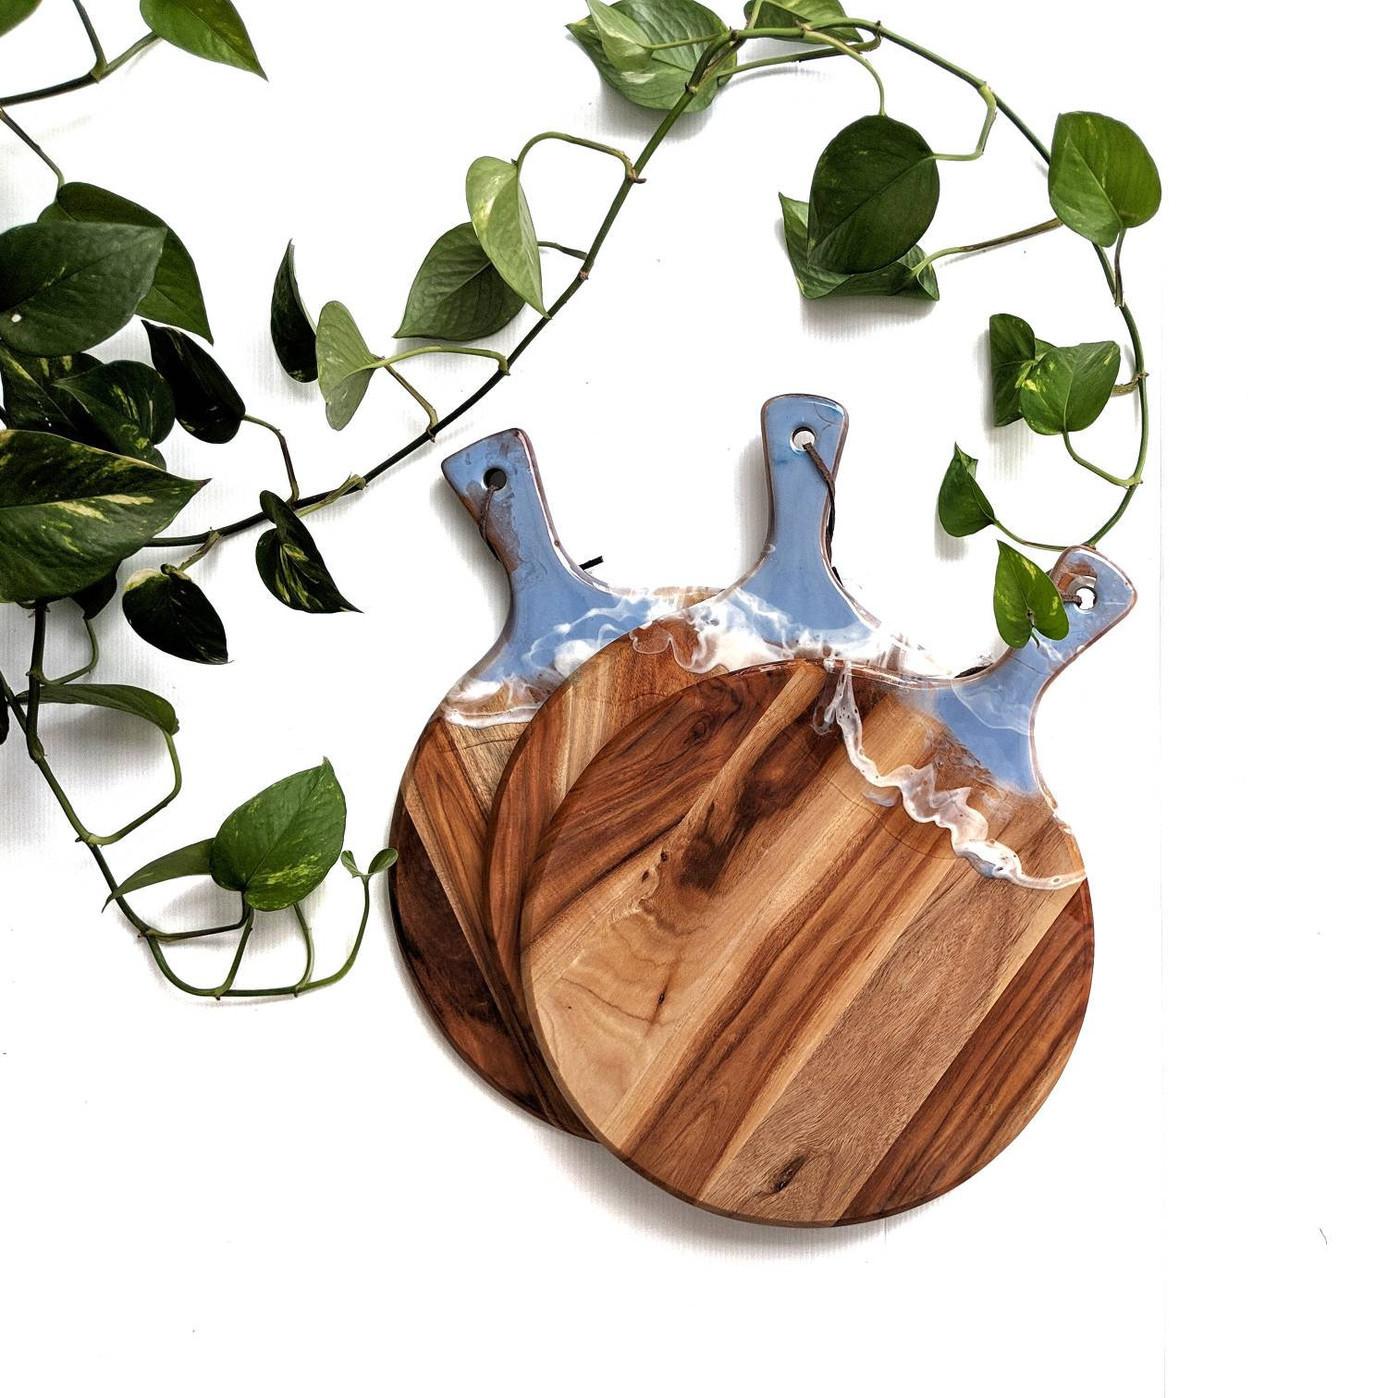 Calm Ocean Resin Chopping Board - Resin Art Wooden Chopping